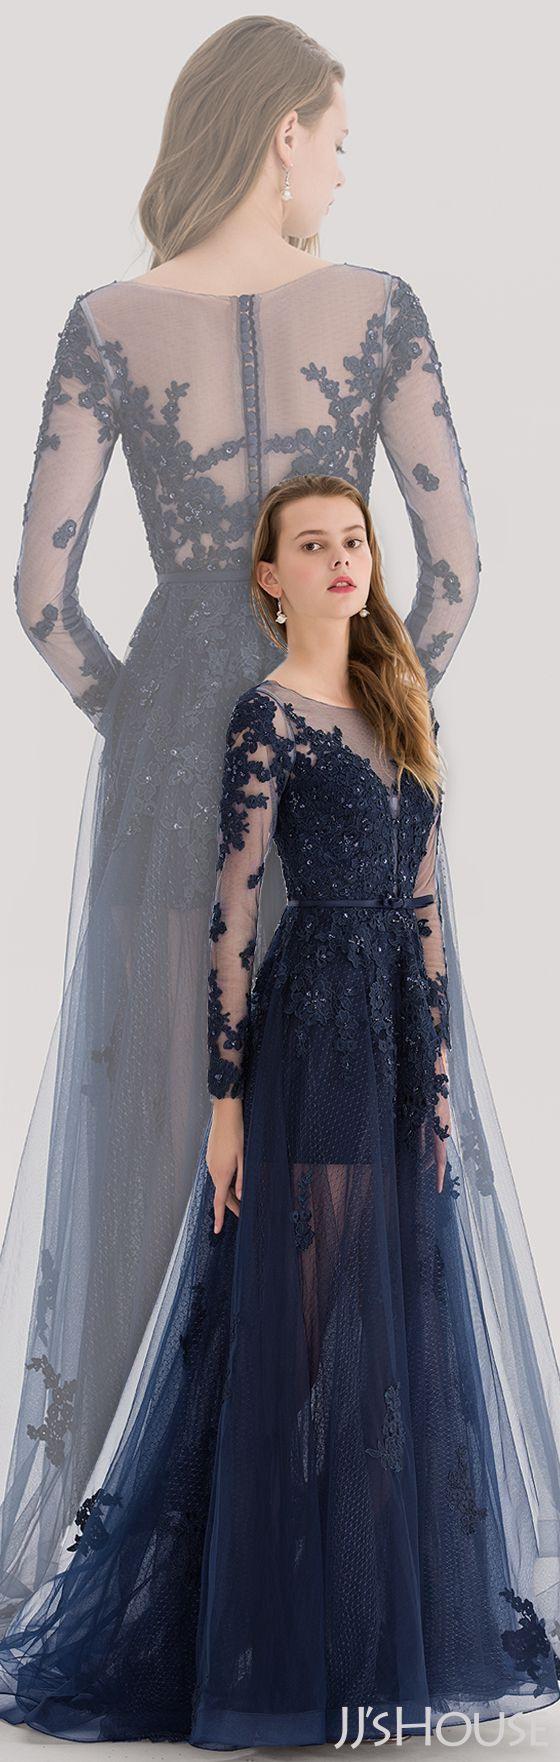 12 Wunderbar Abendkleid Jjshouse Galerie - Abendkleid